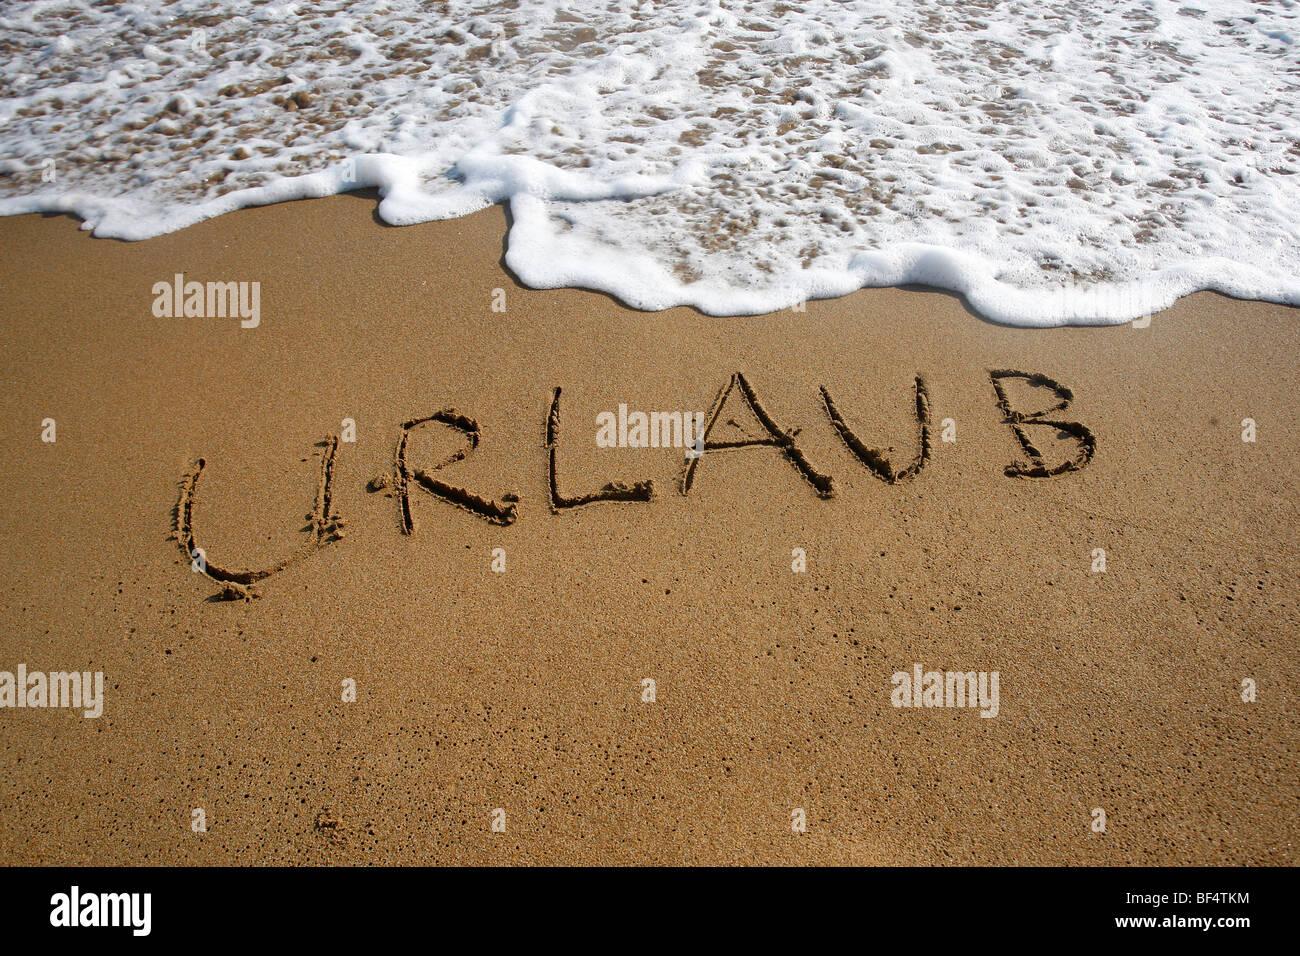 Urlaub, Deutsch für Urlaub, geschrieben in den Sand am Strand, Korfu, Griechenland, Europa Stockbild